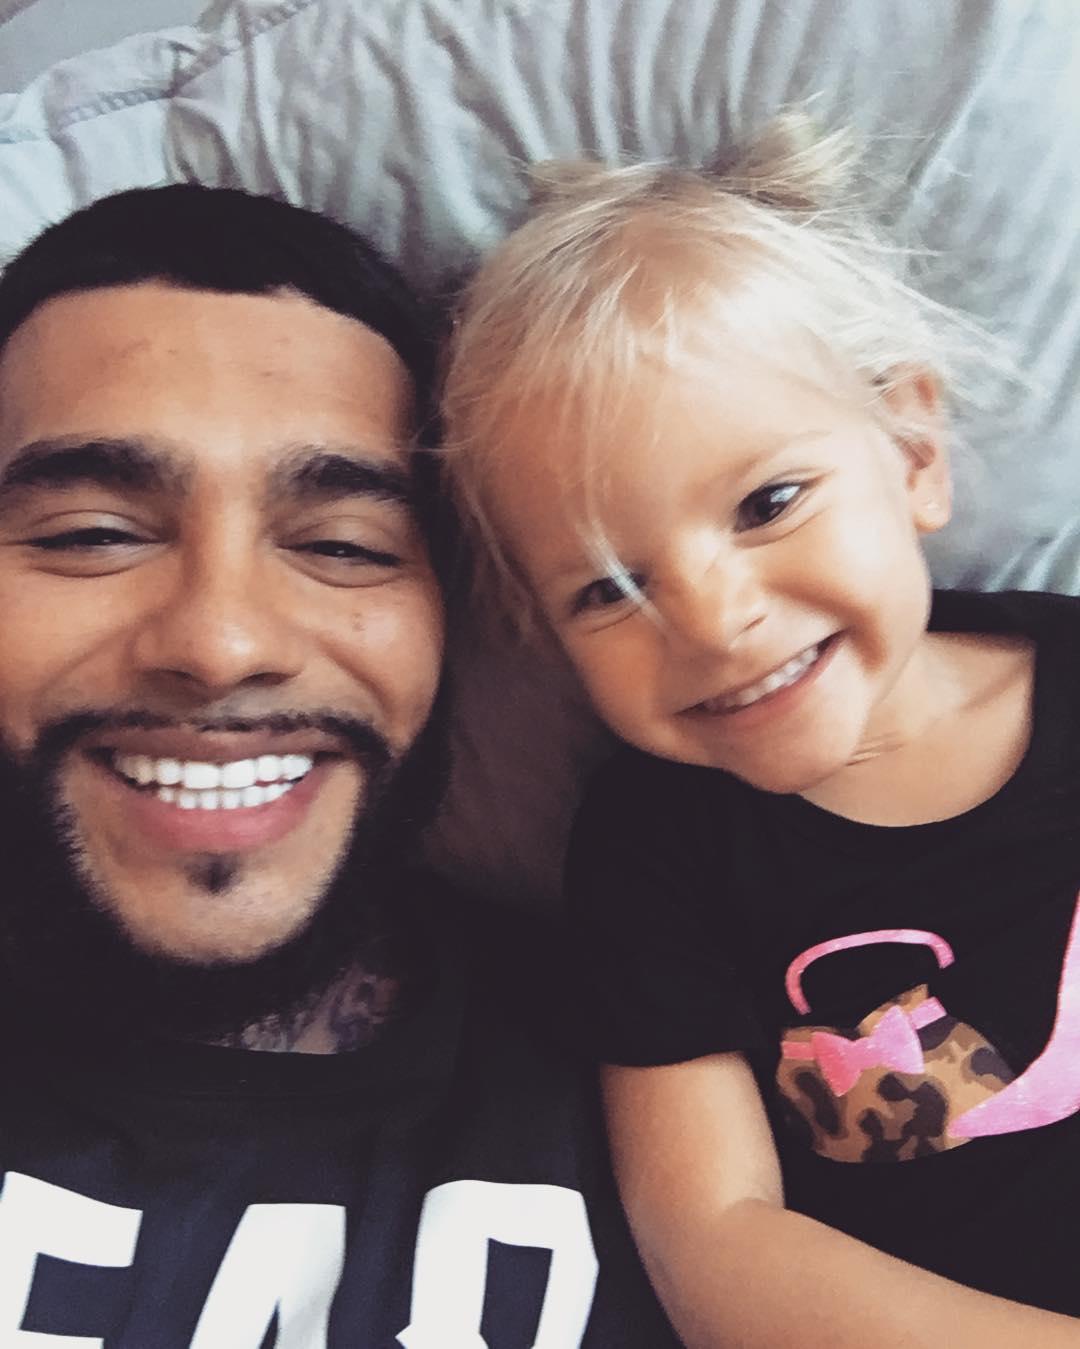 Пистолеты вместо кукол: Тимати показал, чем играет его двухлетняя дочь